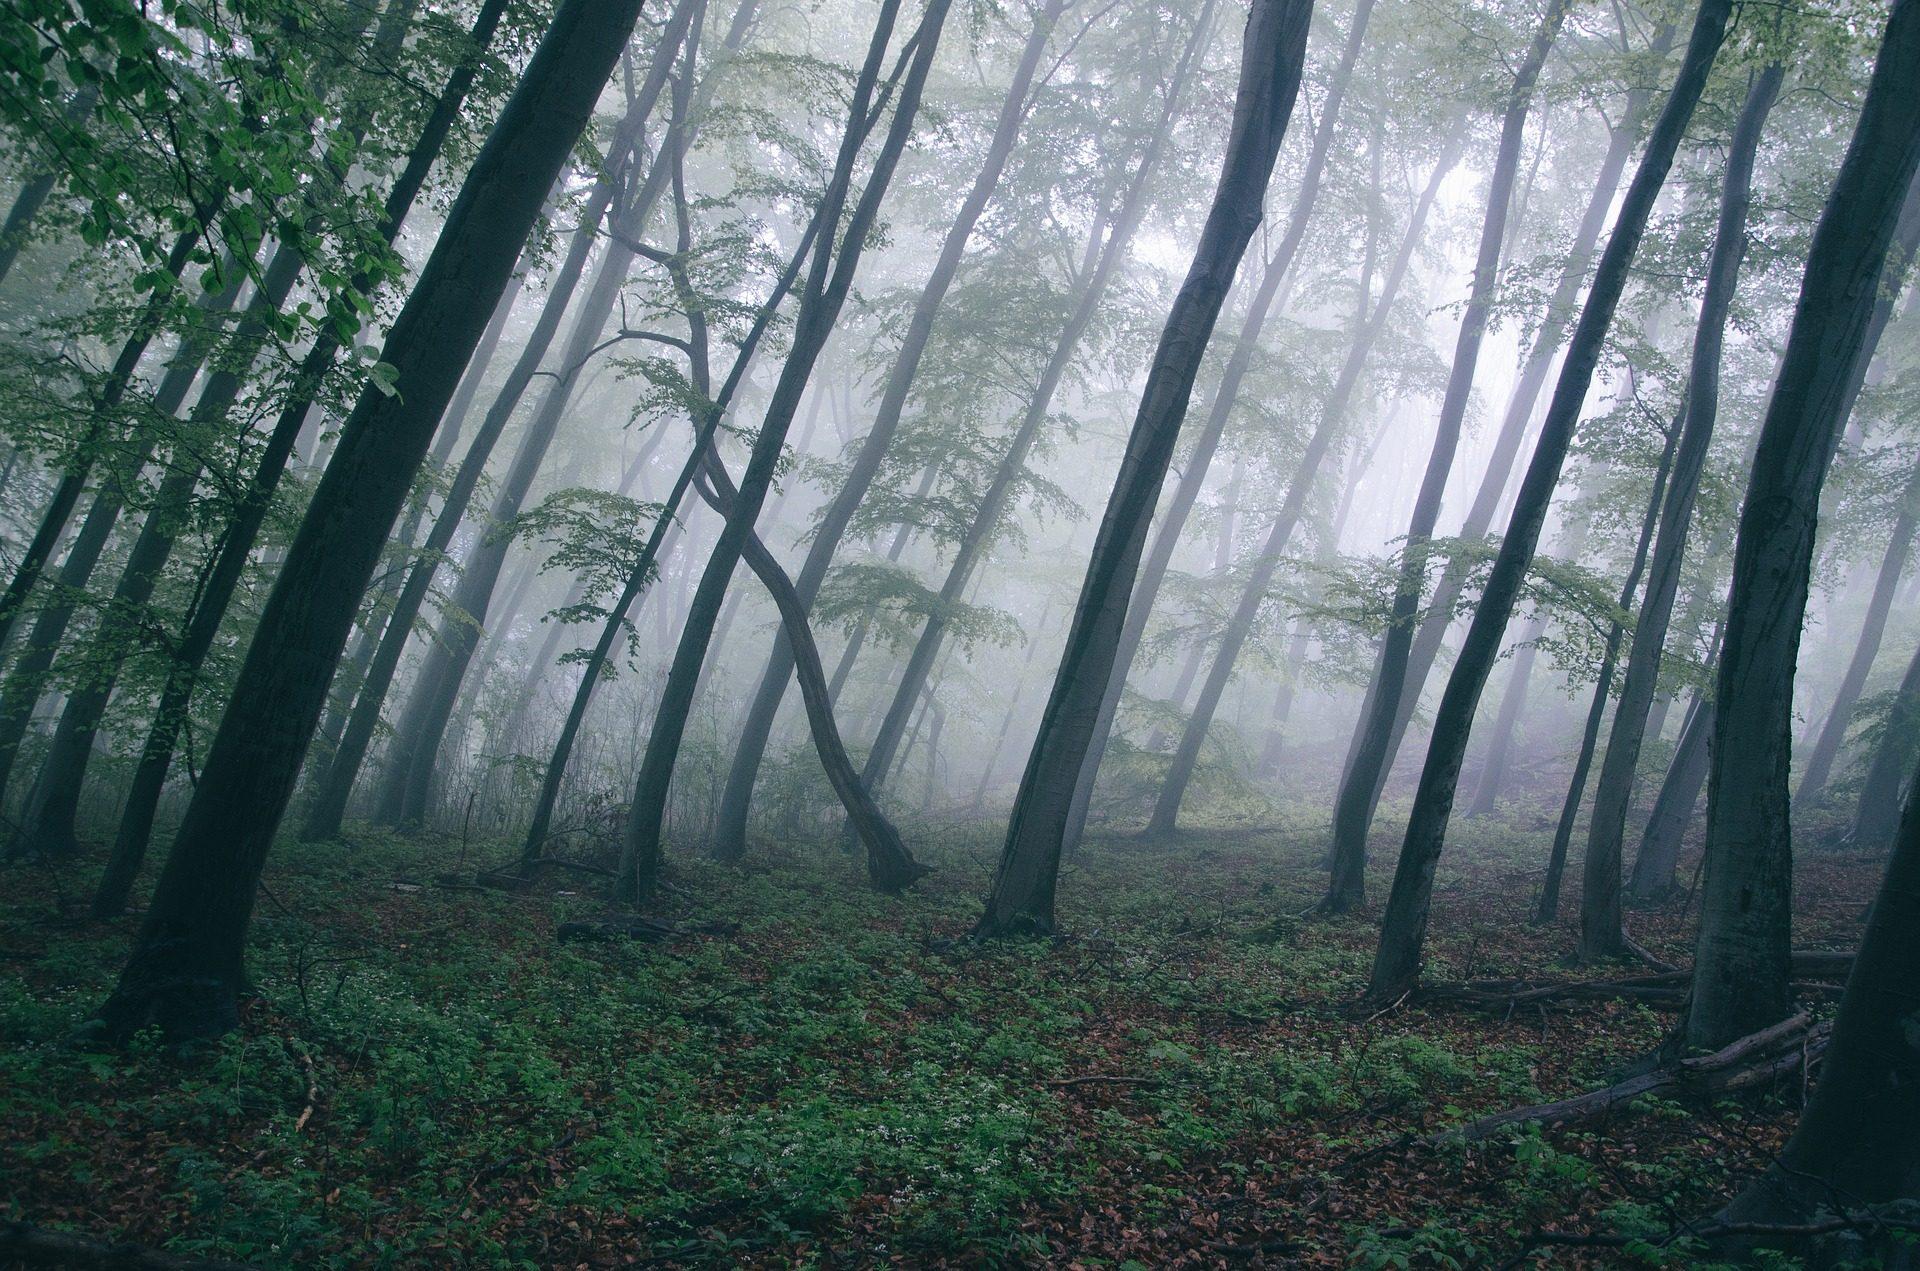 森林, 树木, 倾向, 弯曲, 雾, 索莱达 - 高清壁纸 - 教授-falken.com